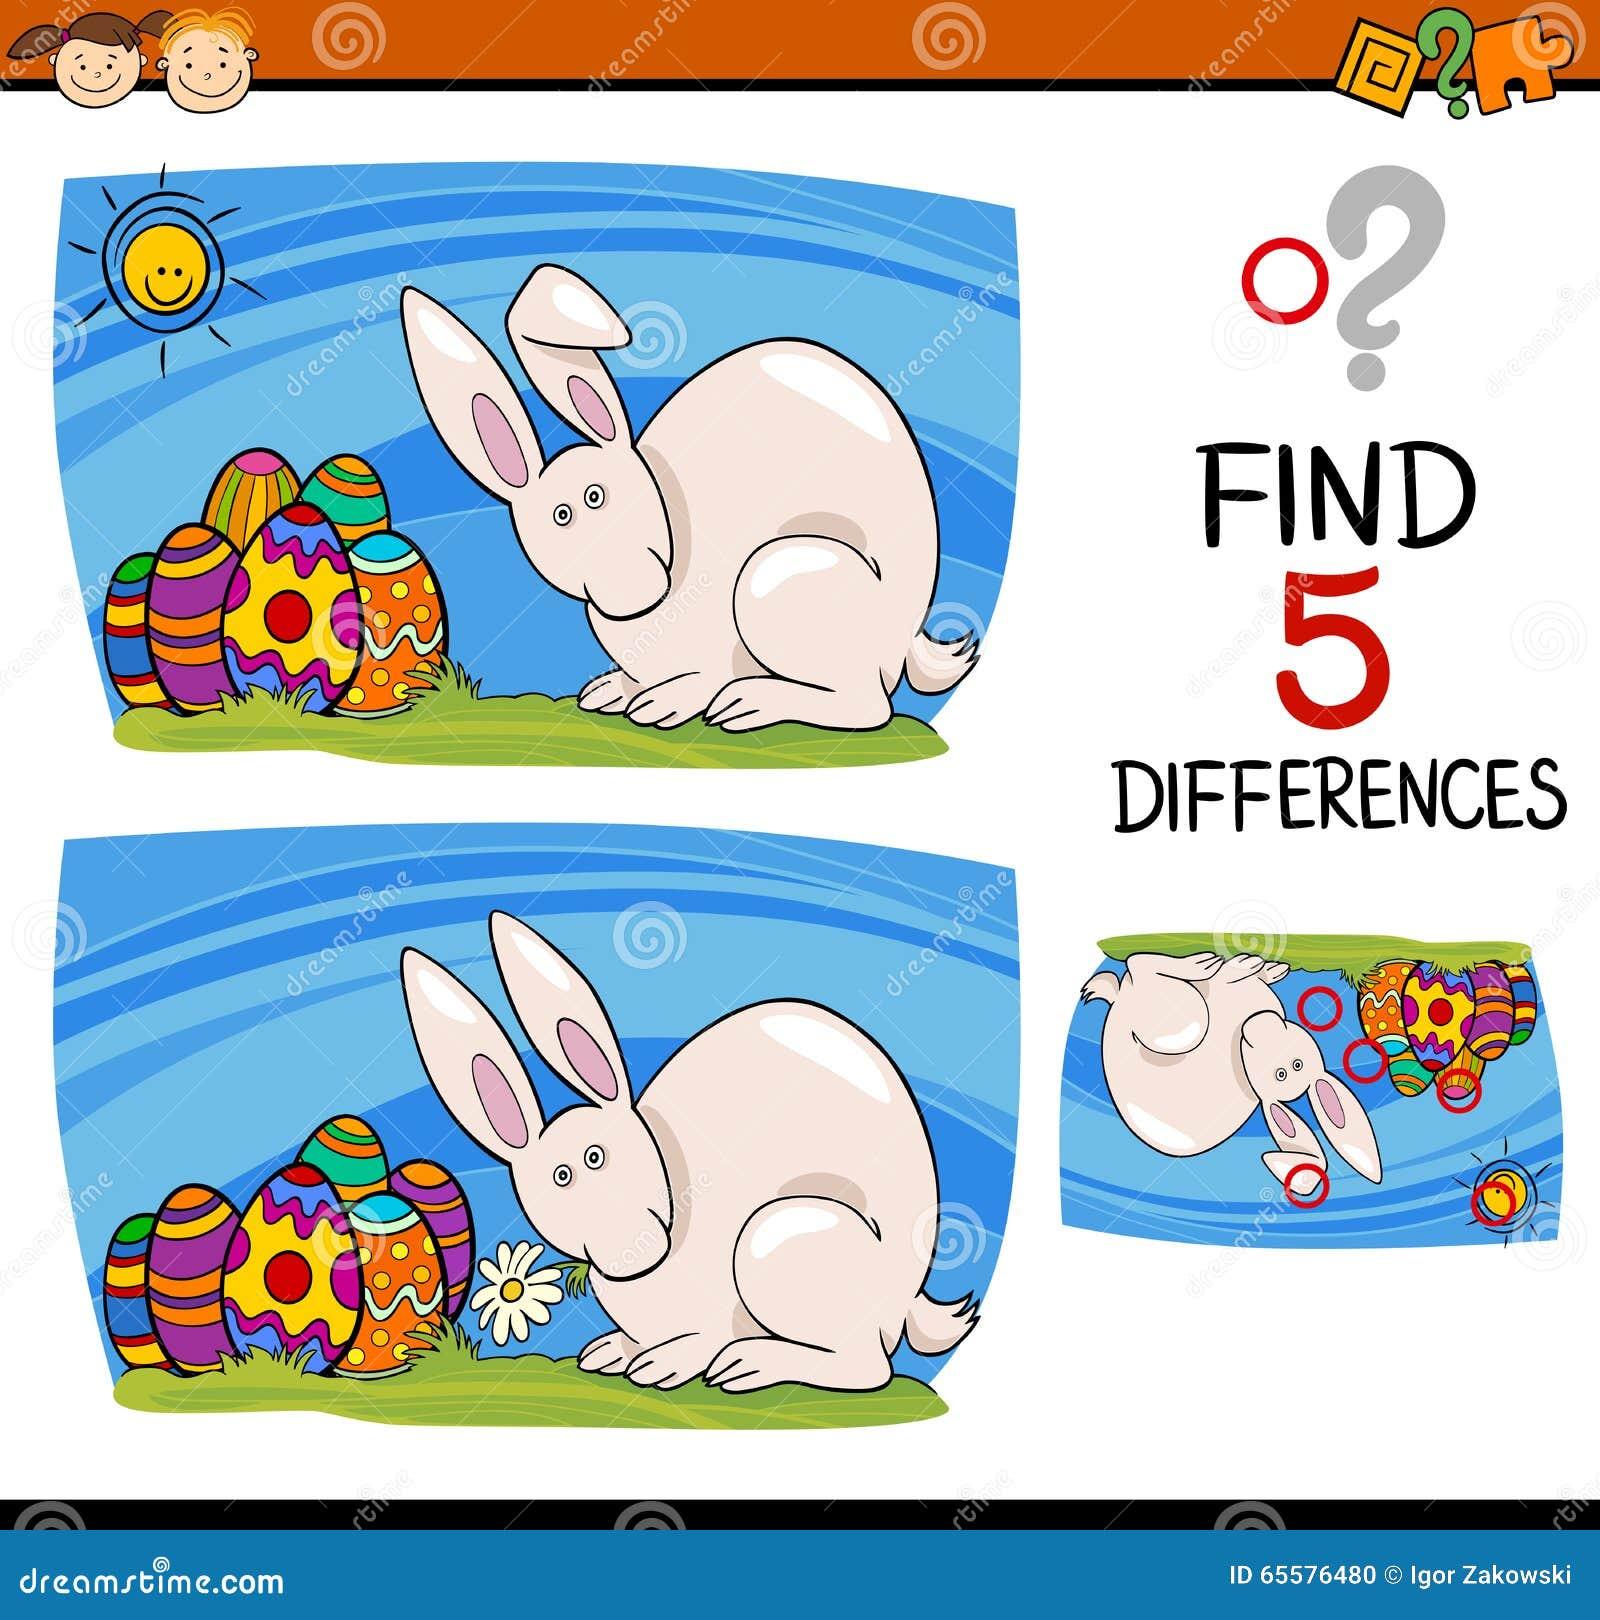 Tarefa da Páscoa das diferenças